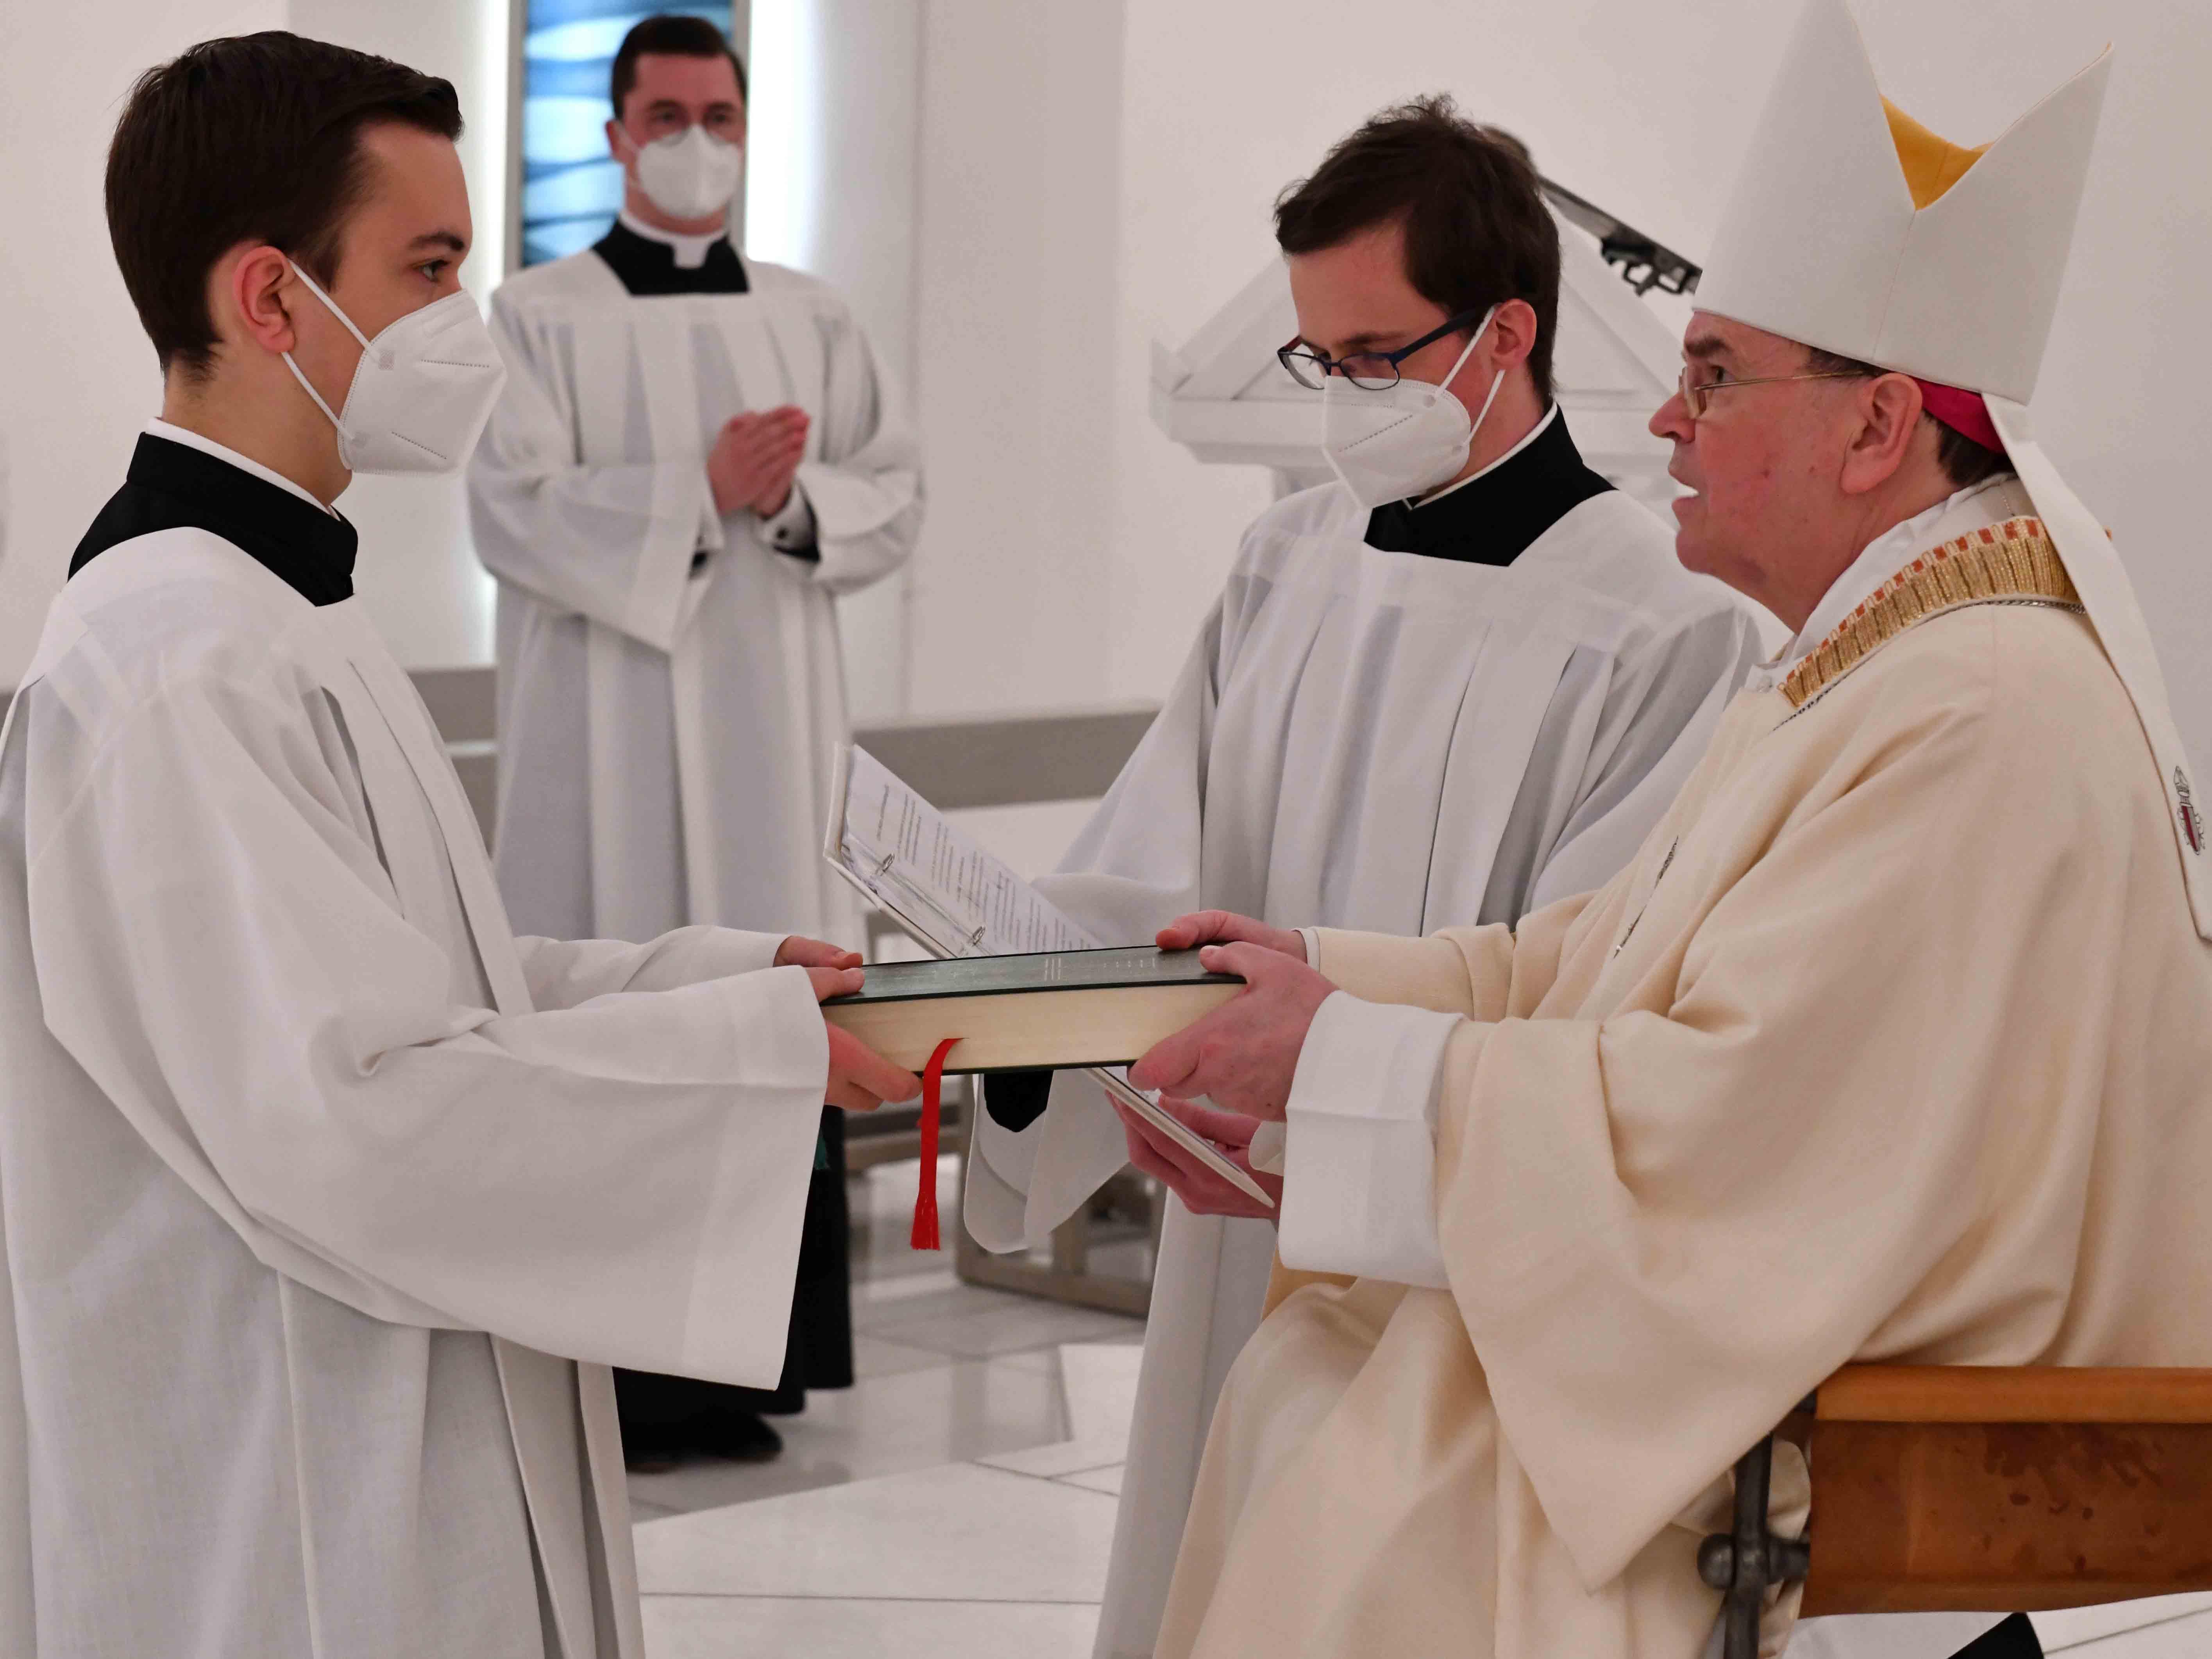 Bischof Bertram beauftragte im Augsburger Priesterseminar sechs Lektoren und drei Akolythen. (Foto: Nicolas Schnall / pba)